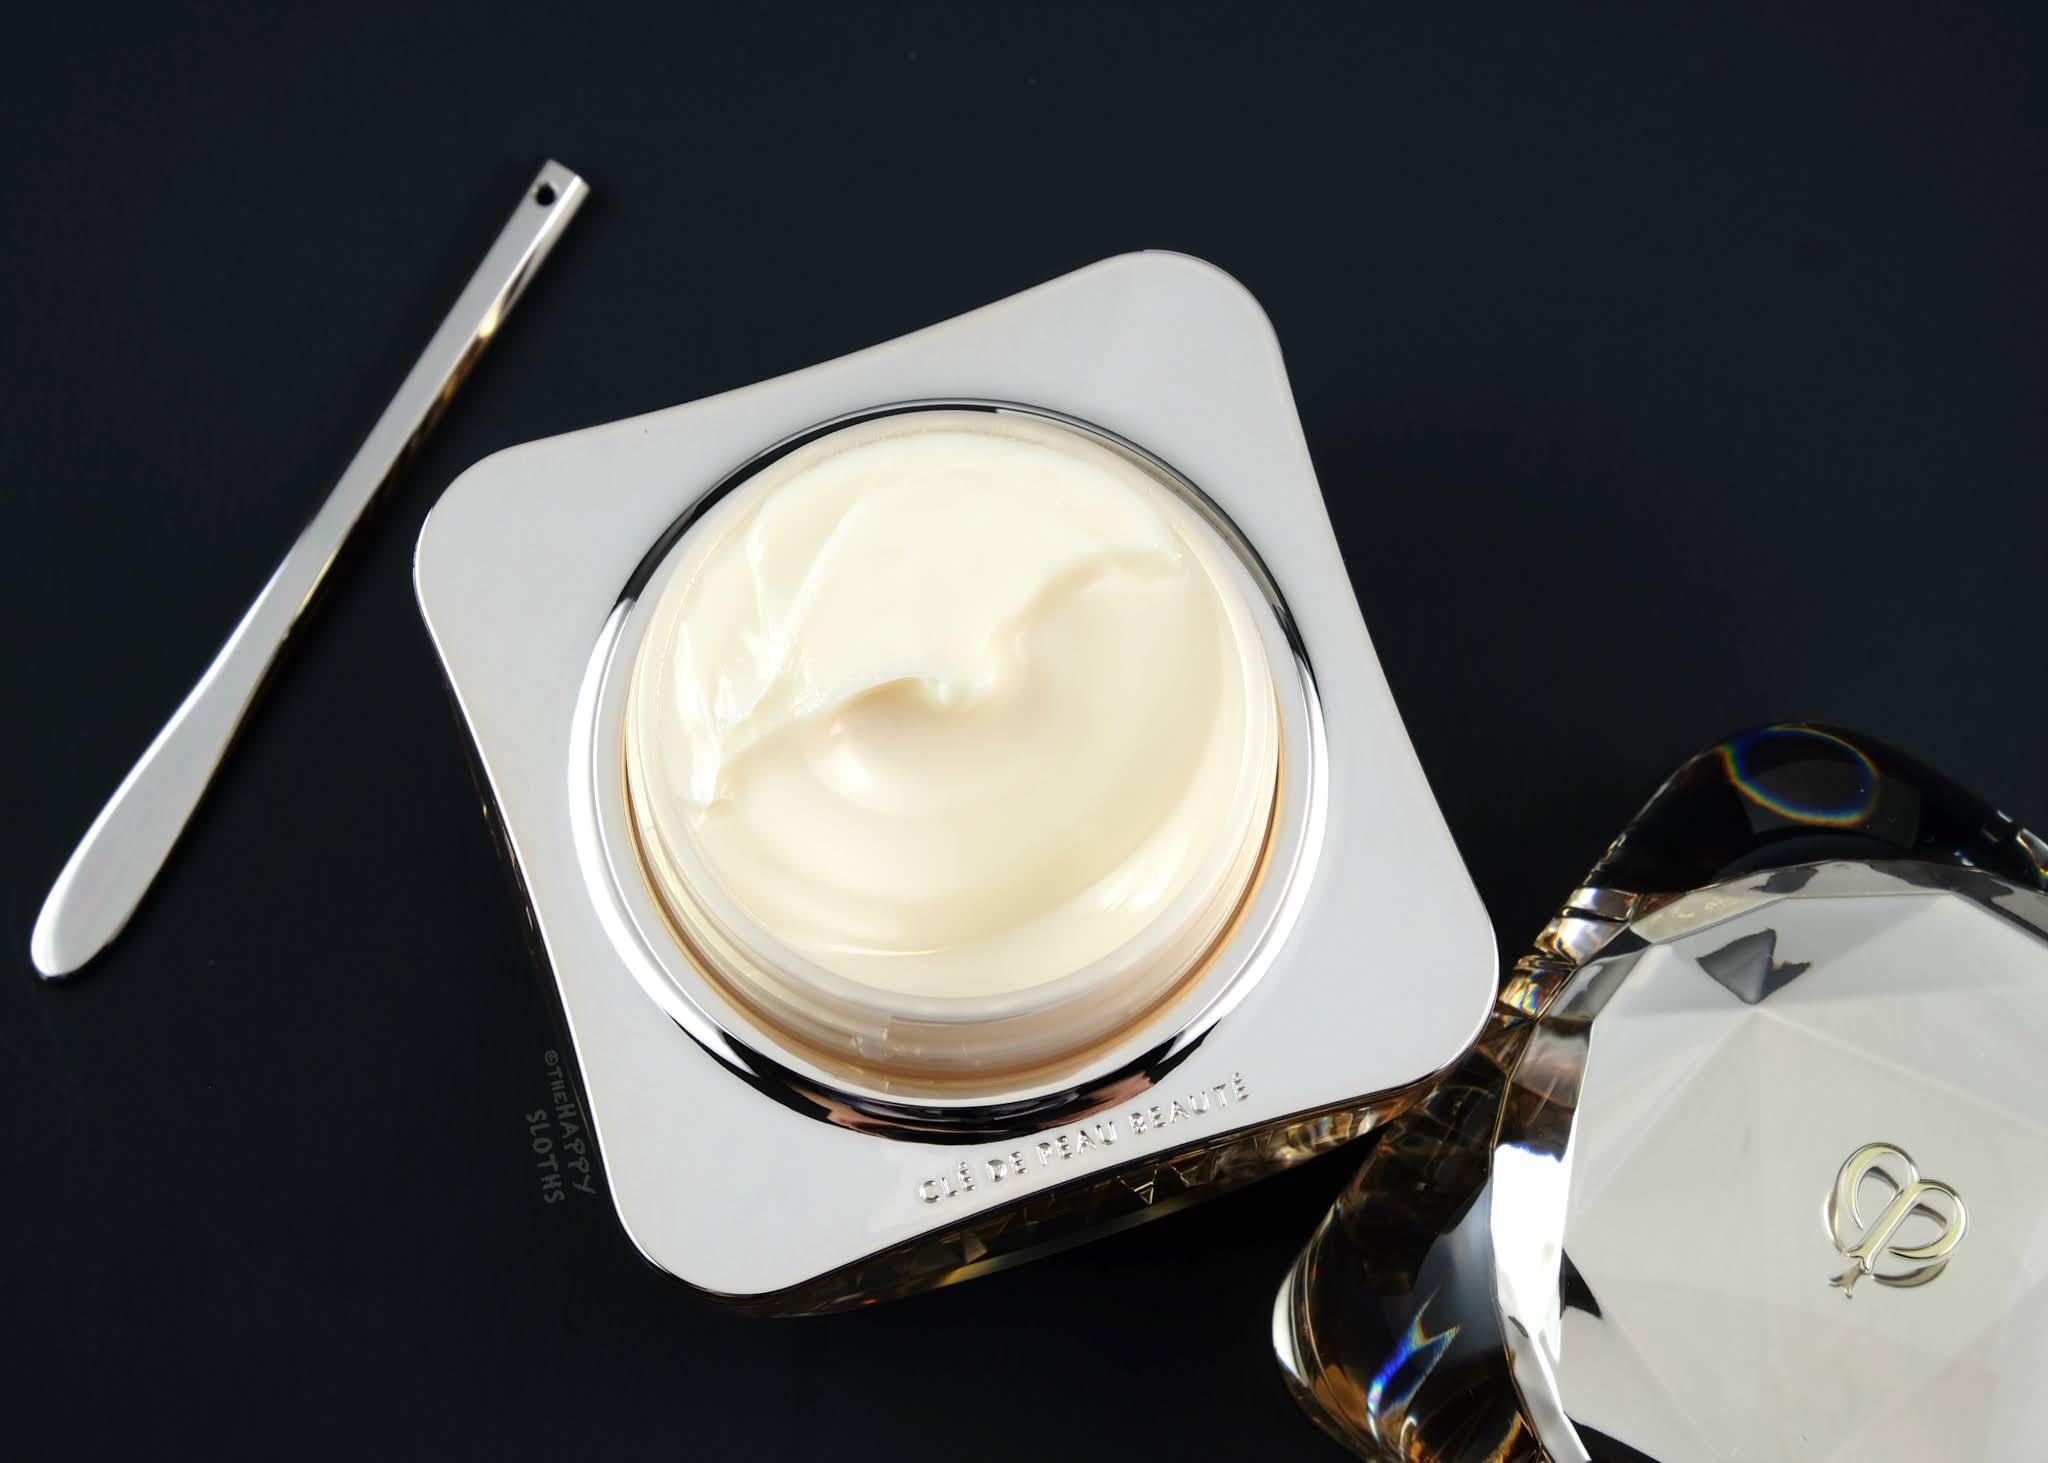 Clé de Peau Beauté | La Crème: Review